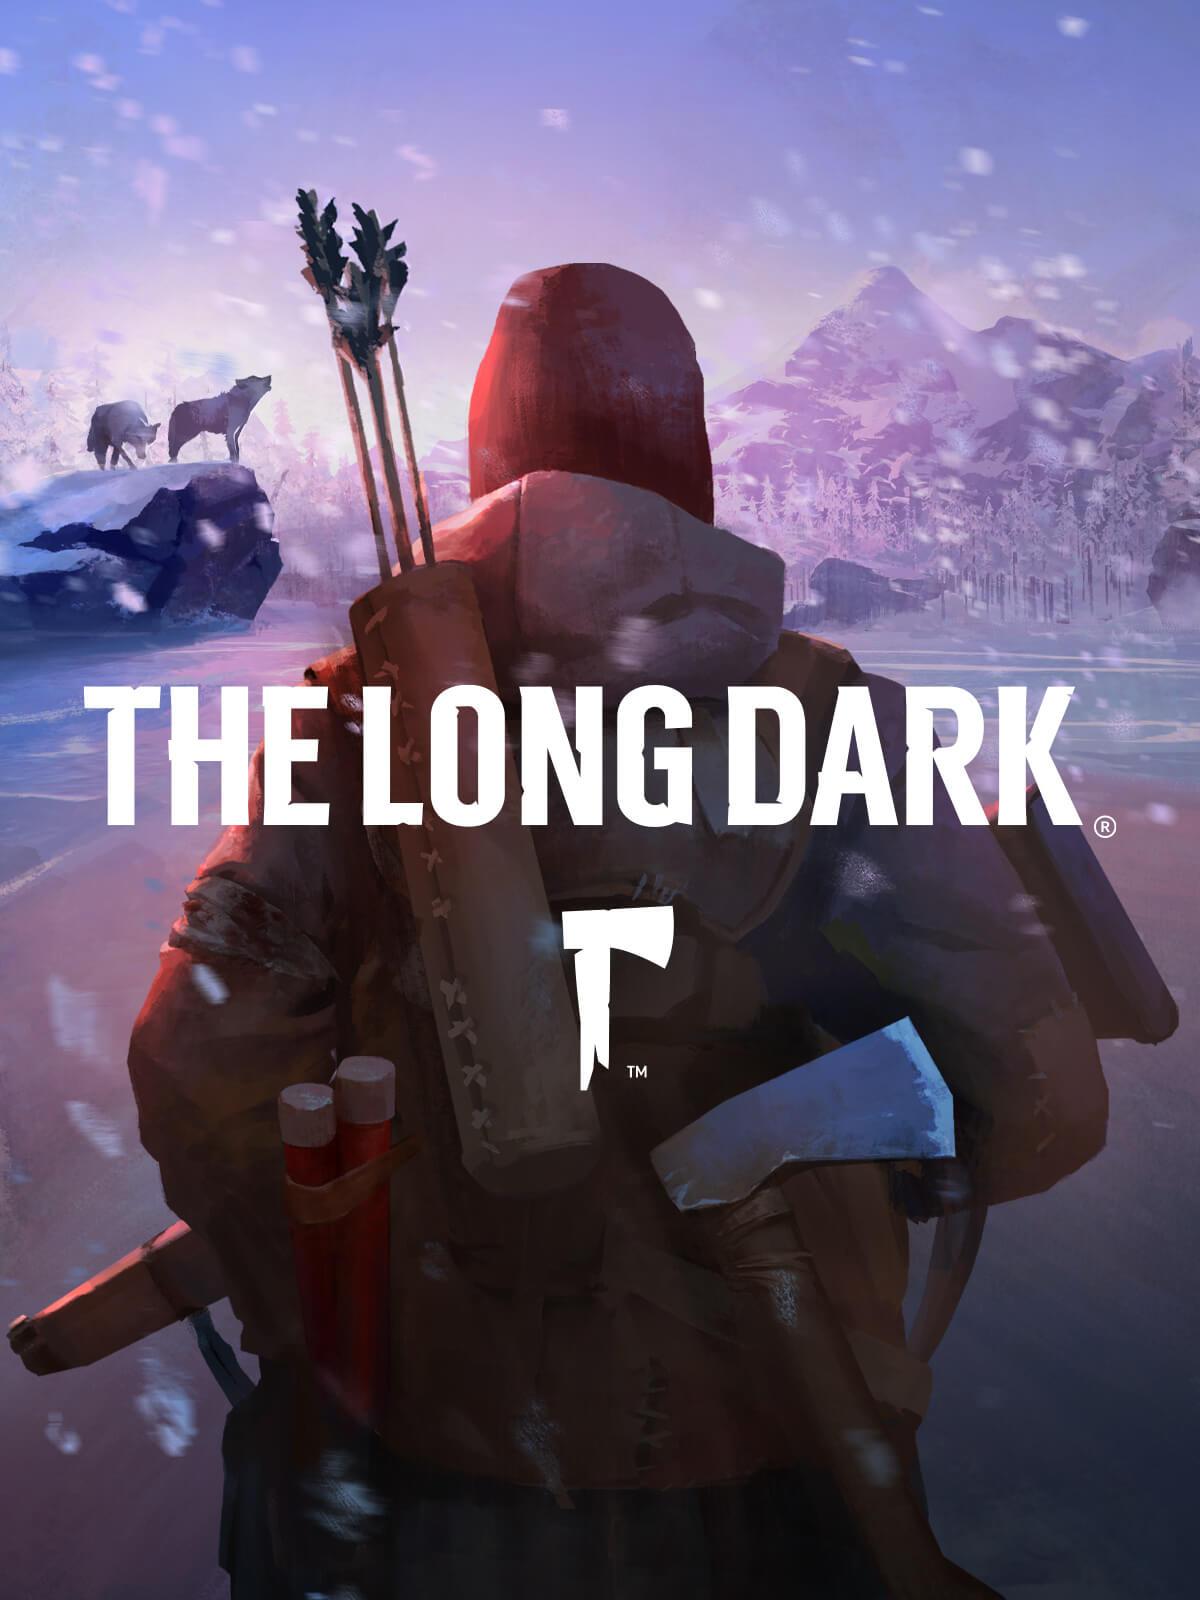 『The Long Dark』 | いますぐダウンロードして購入 - Epic Games Store